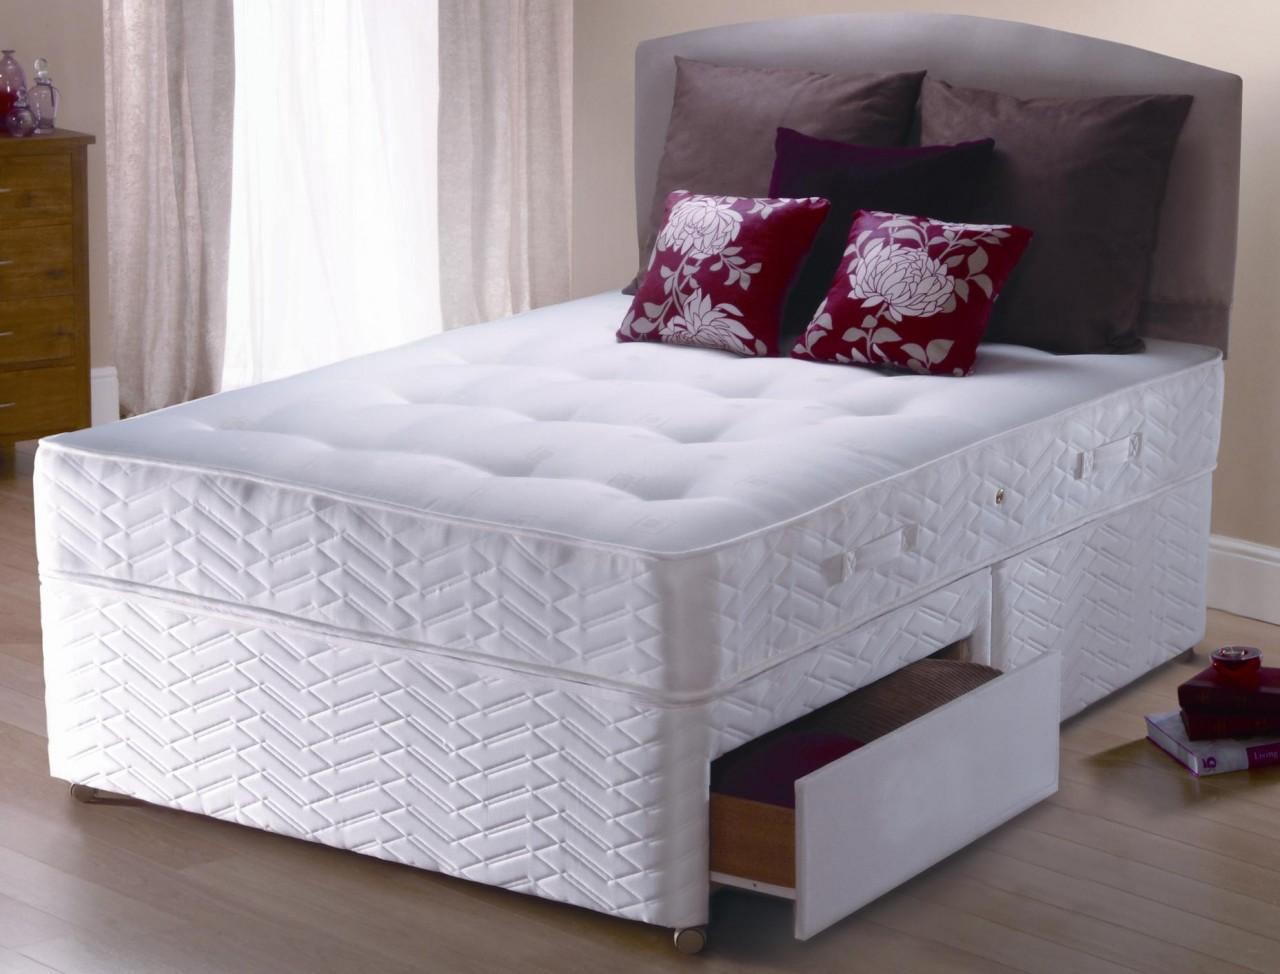 Wonderful Divan Beds Home Decorations